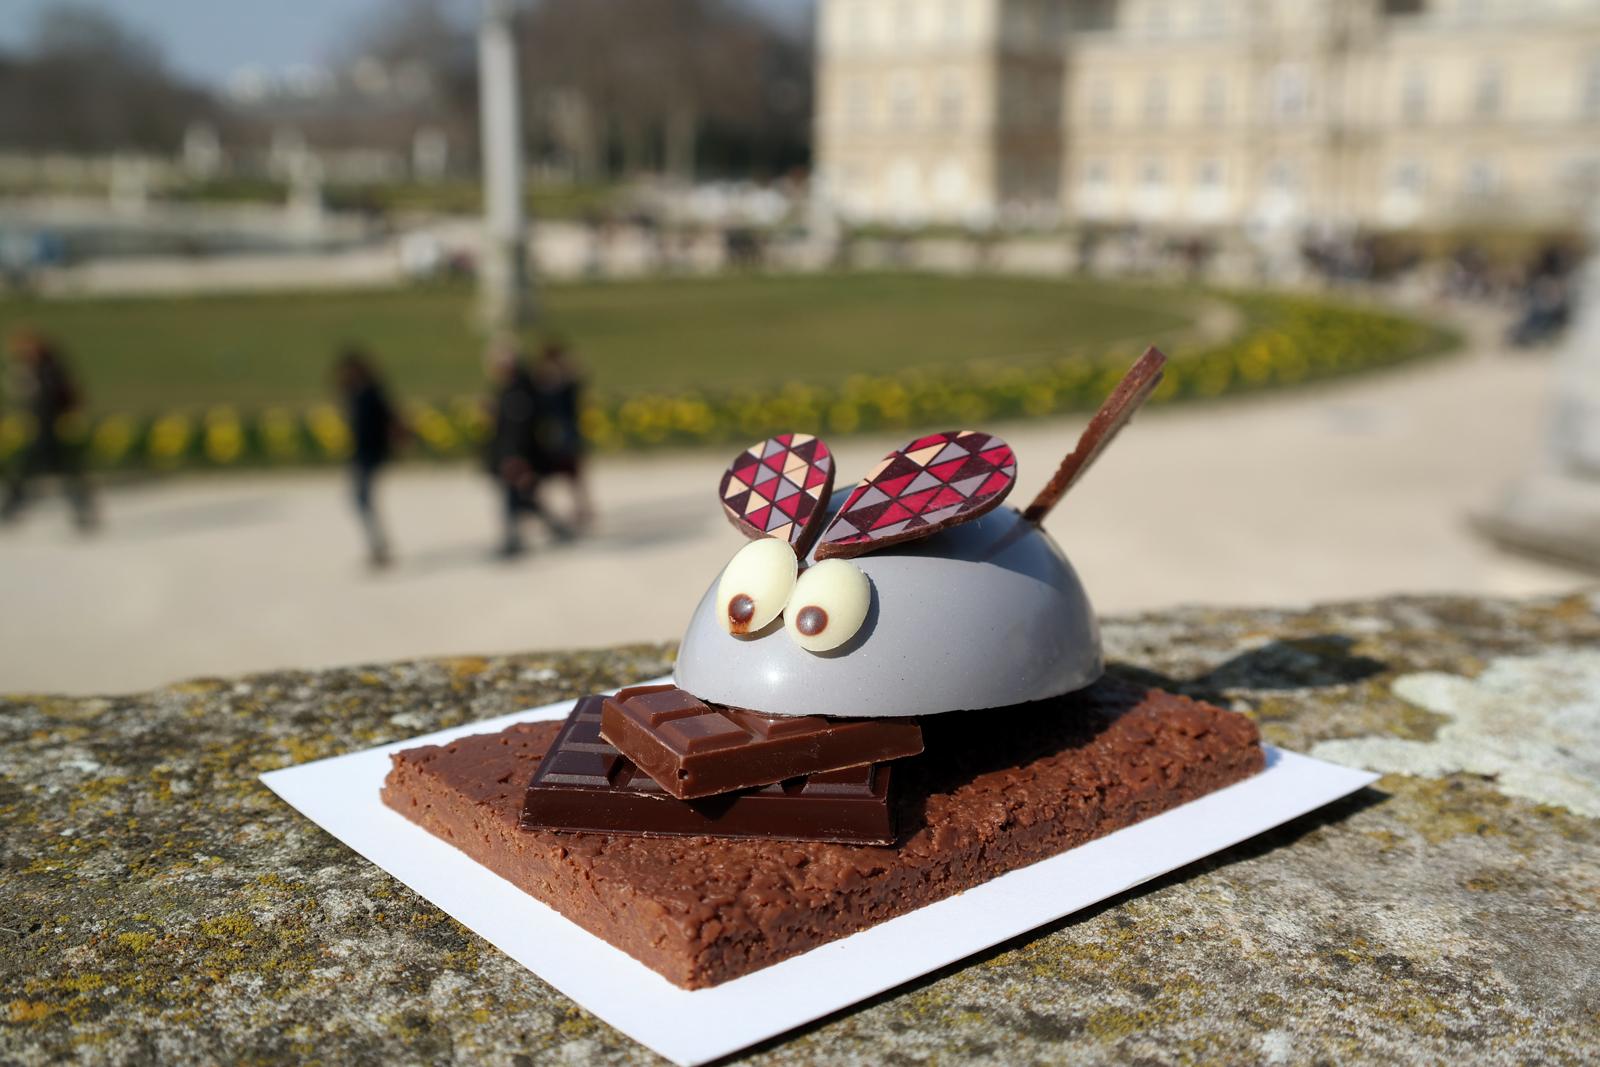 Souris Arlequin chocolat au lait et noir Henri Le Roux chocolatier et caramelier Pâques 2016 photo usofparis blog